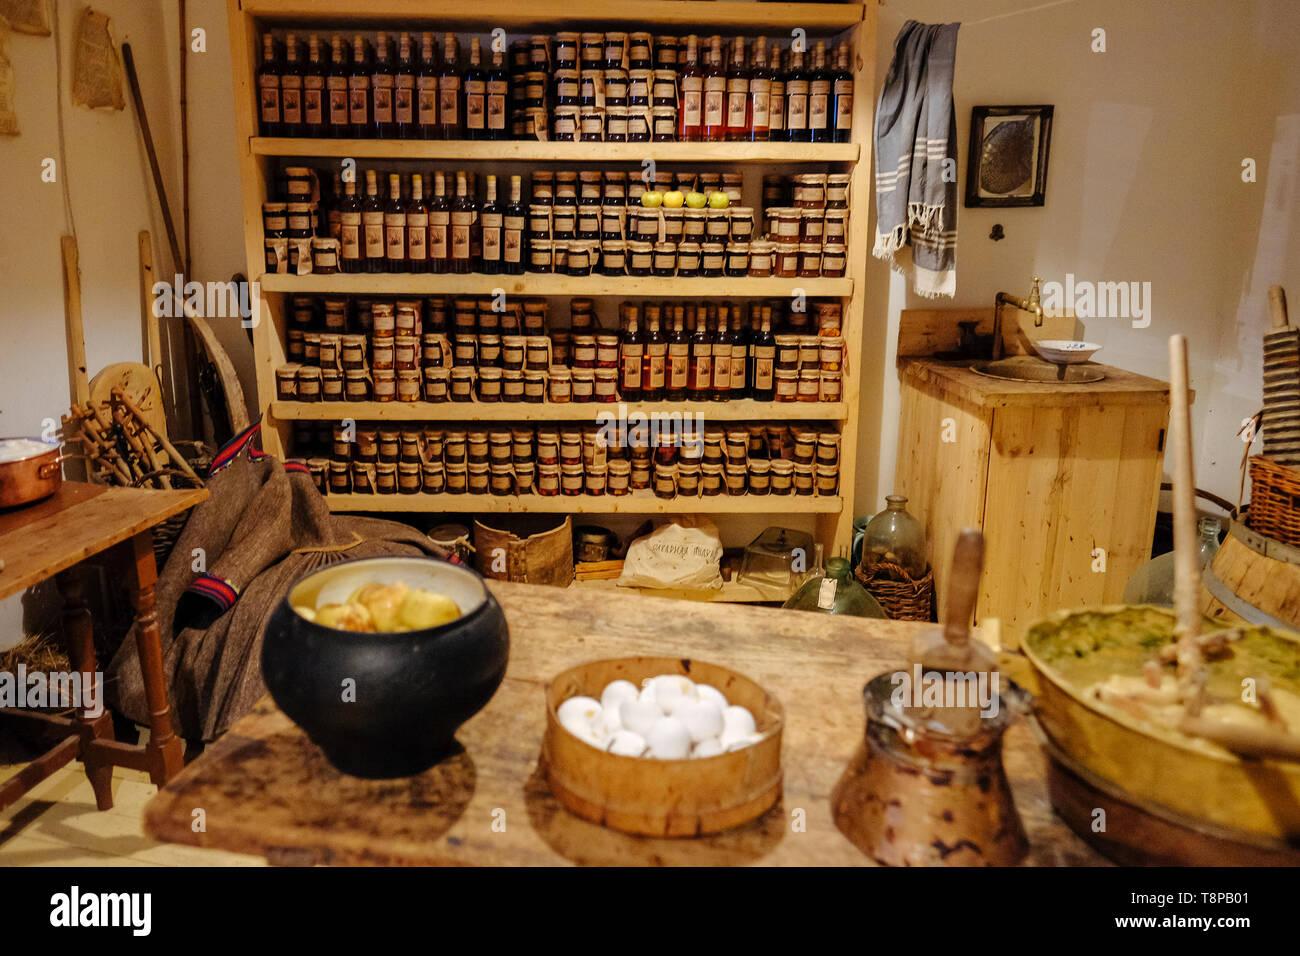 antique kitchen utensils. Kitchenware - Stock Image